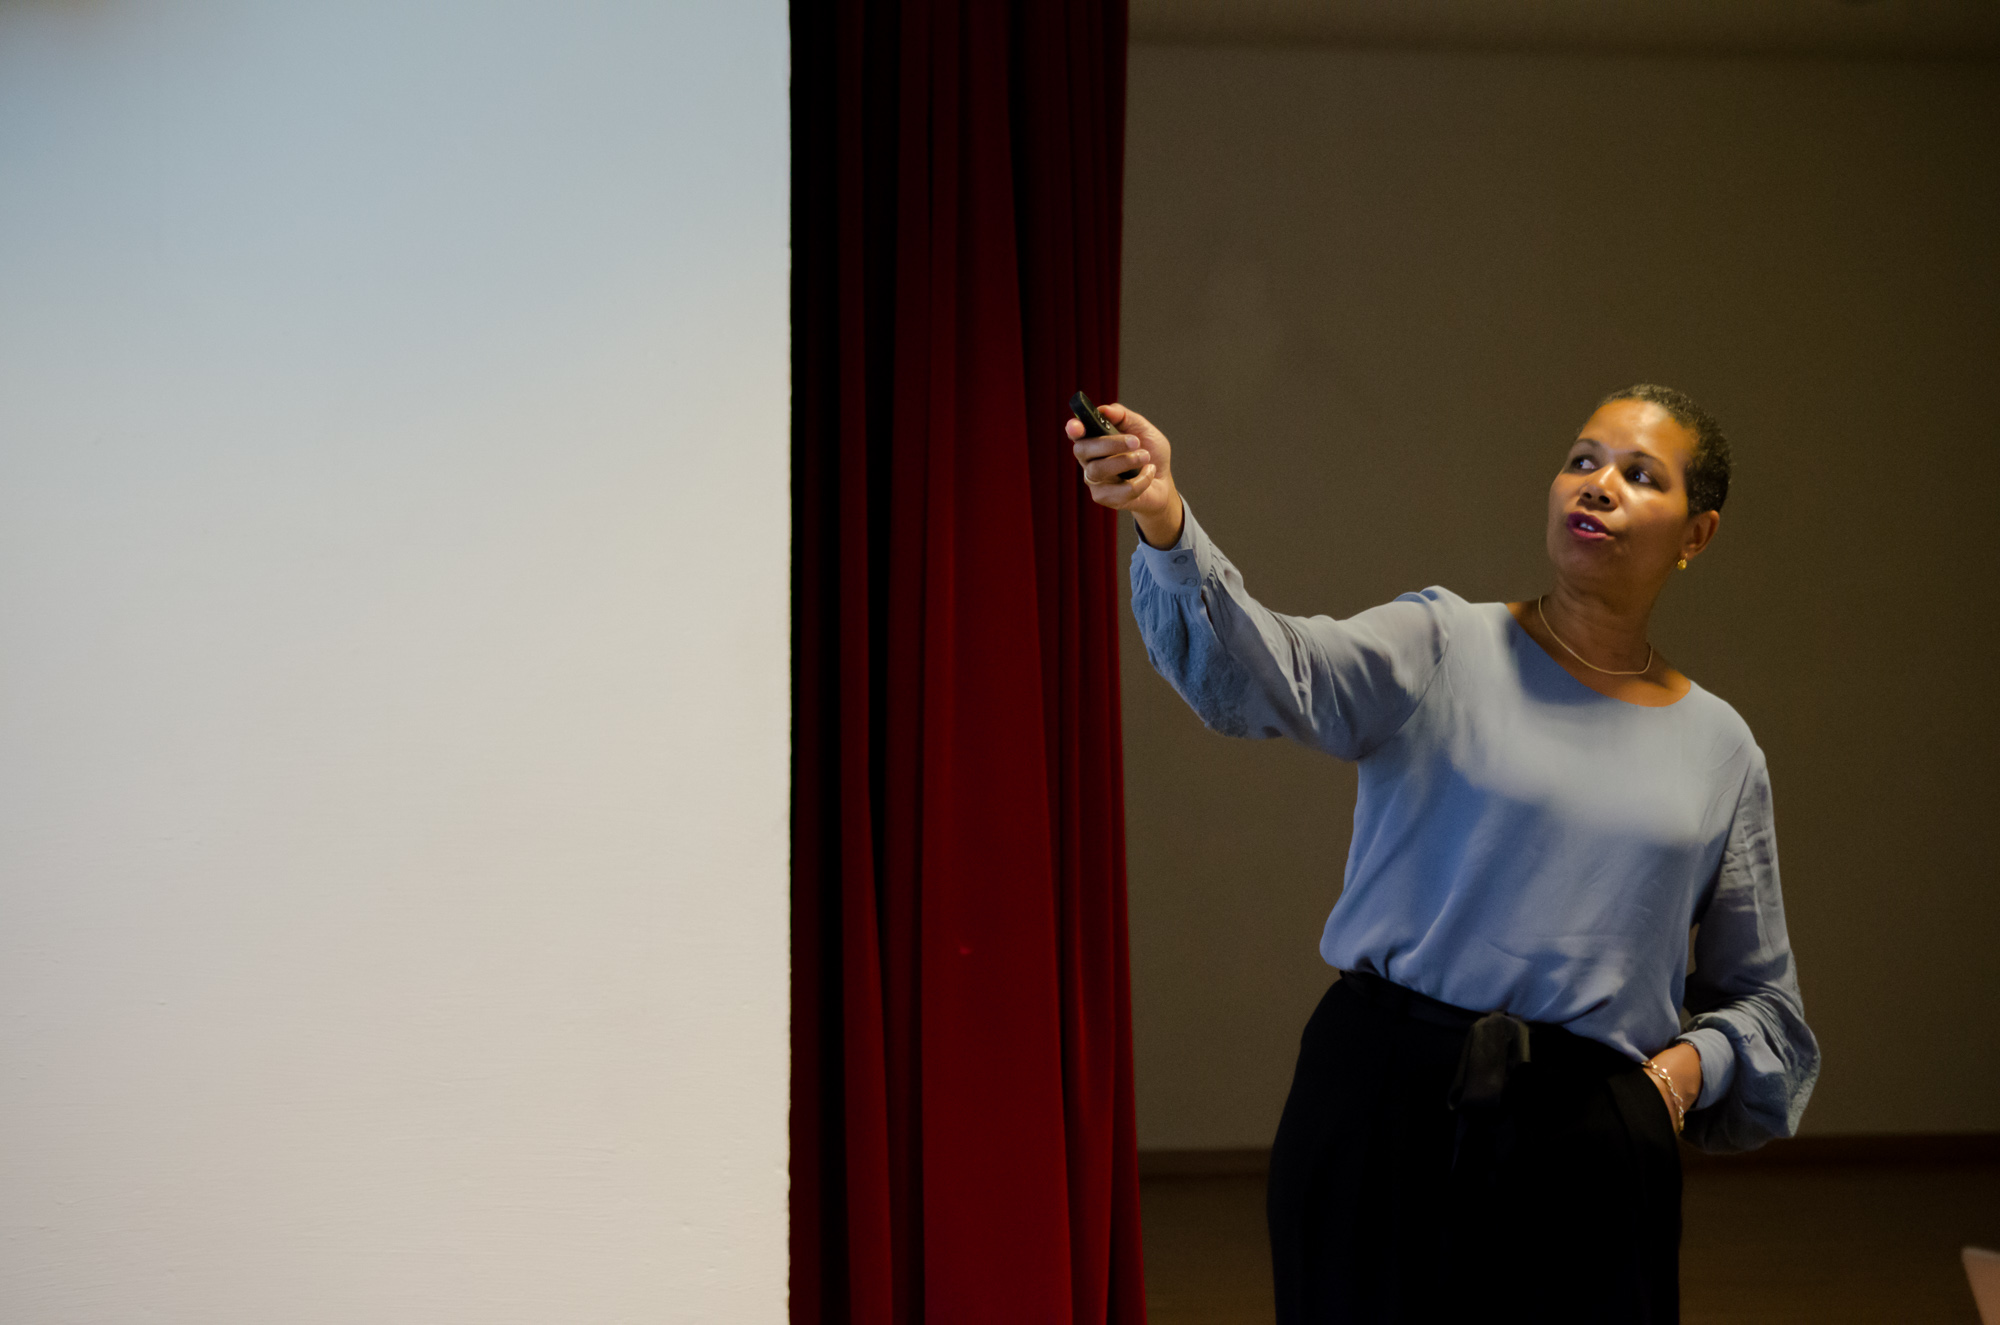 Direktør for arbeid og inkludering i nye Drammen kommune, Manuela Ramin-Osmundsen fortalte om den nye kommunen.